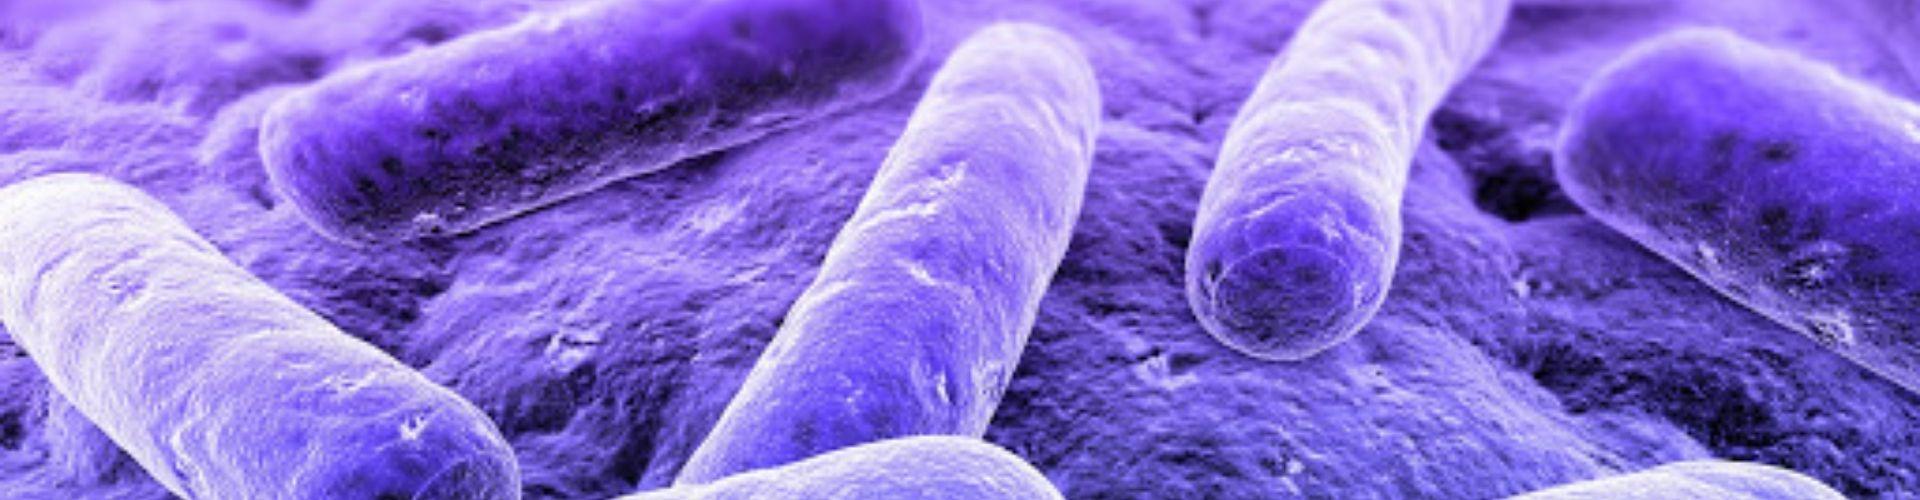 Servicio de control de Legionella en Antequera